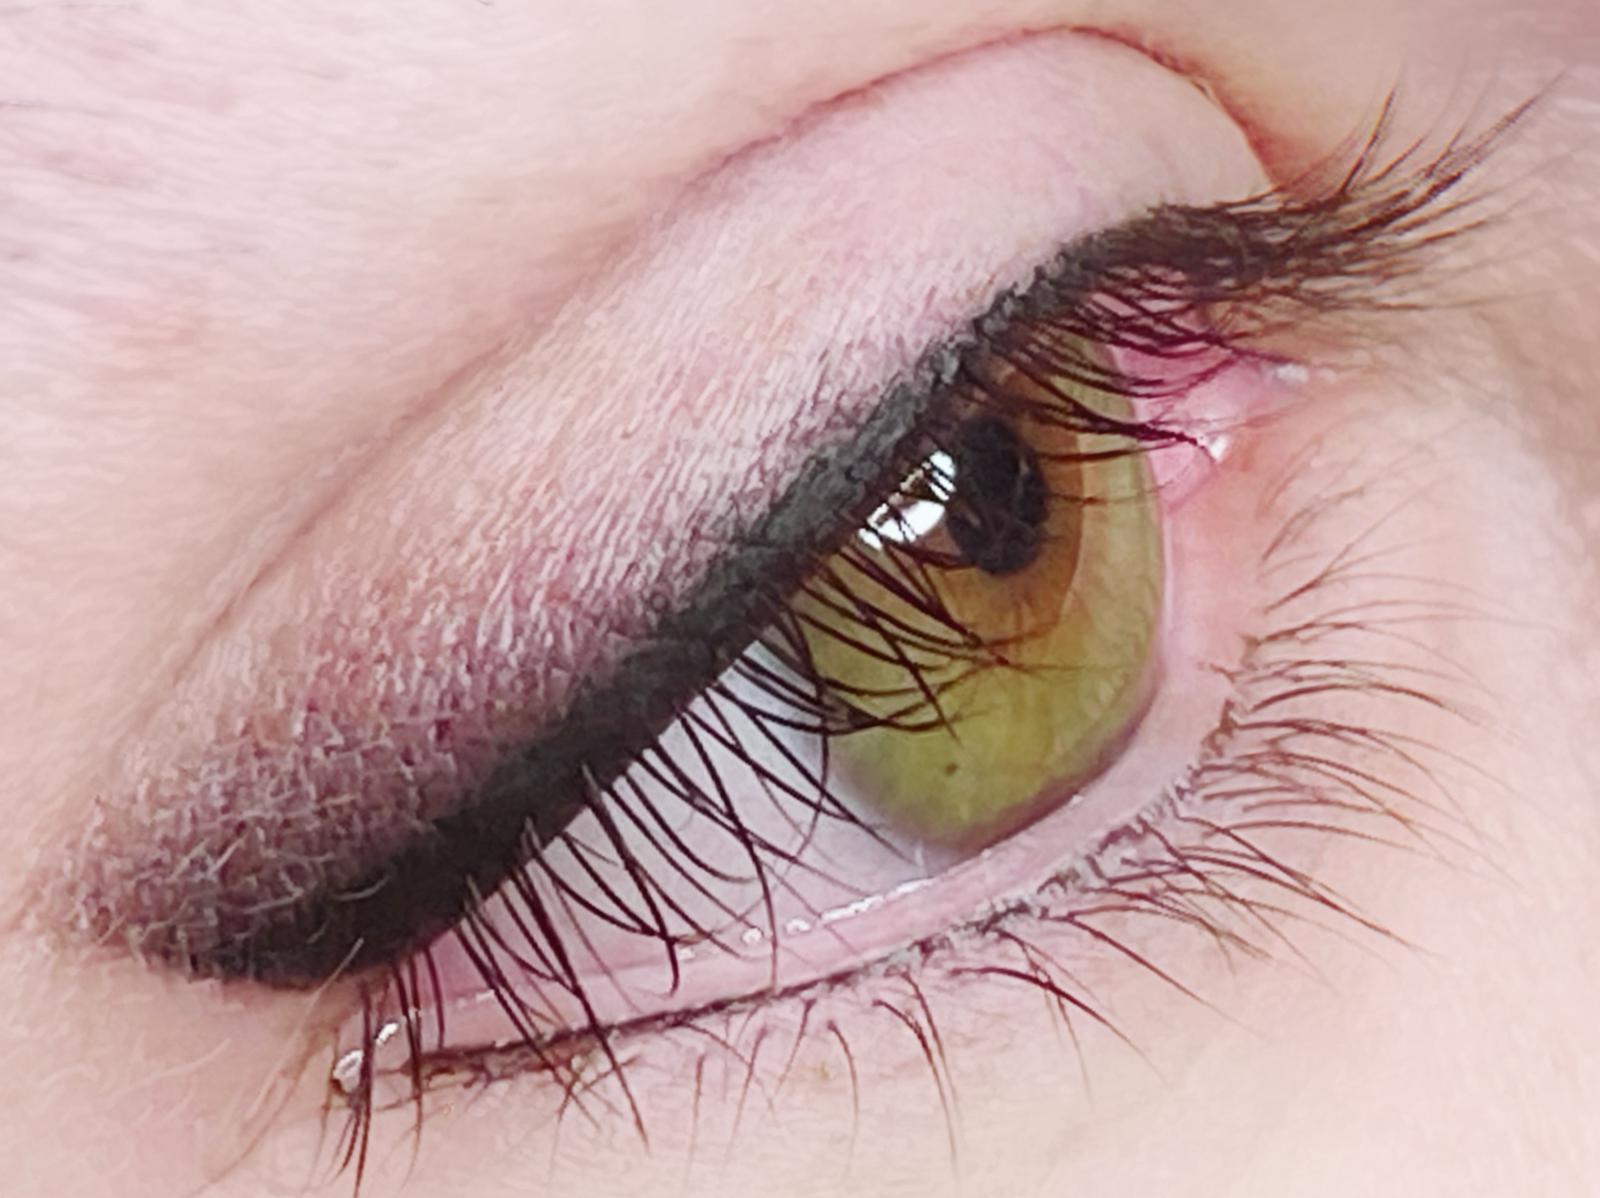 Trucco permanente occhi con infracigliare e eye liner grafico o sfumato